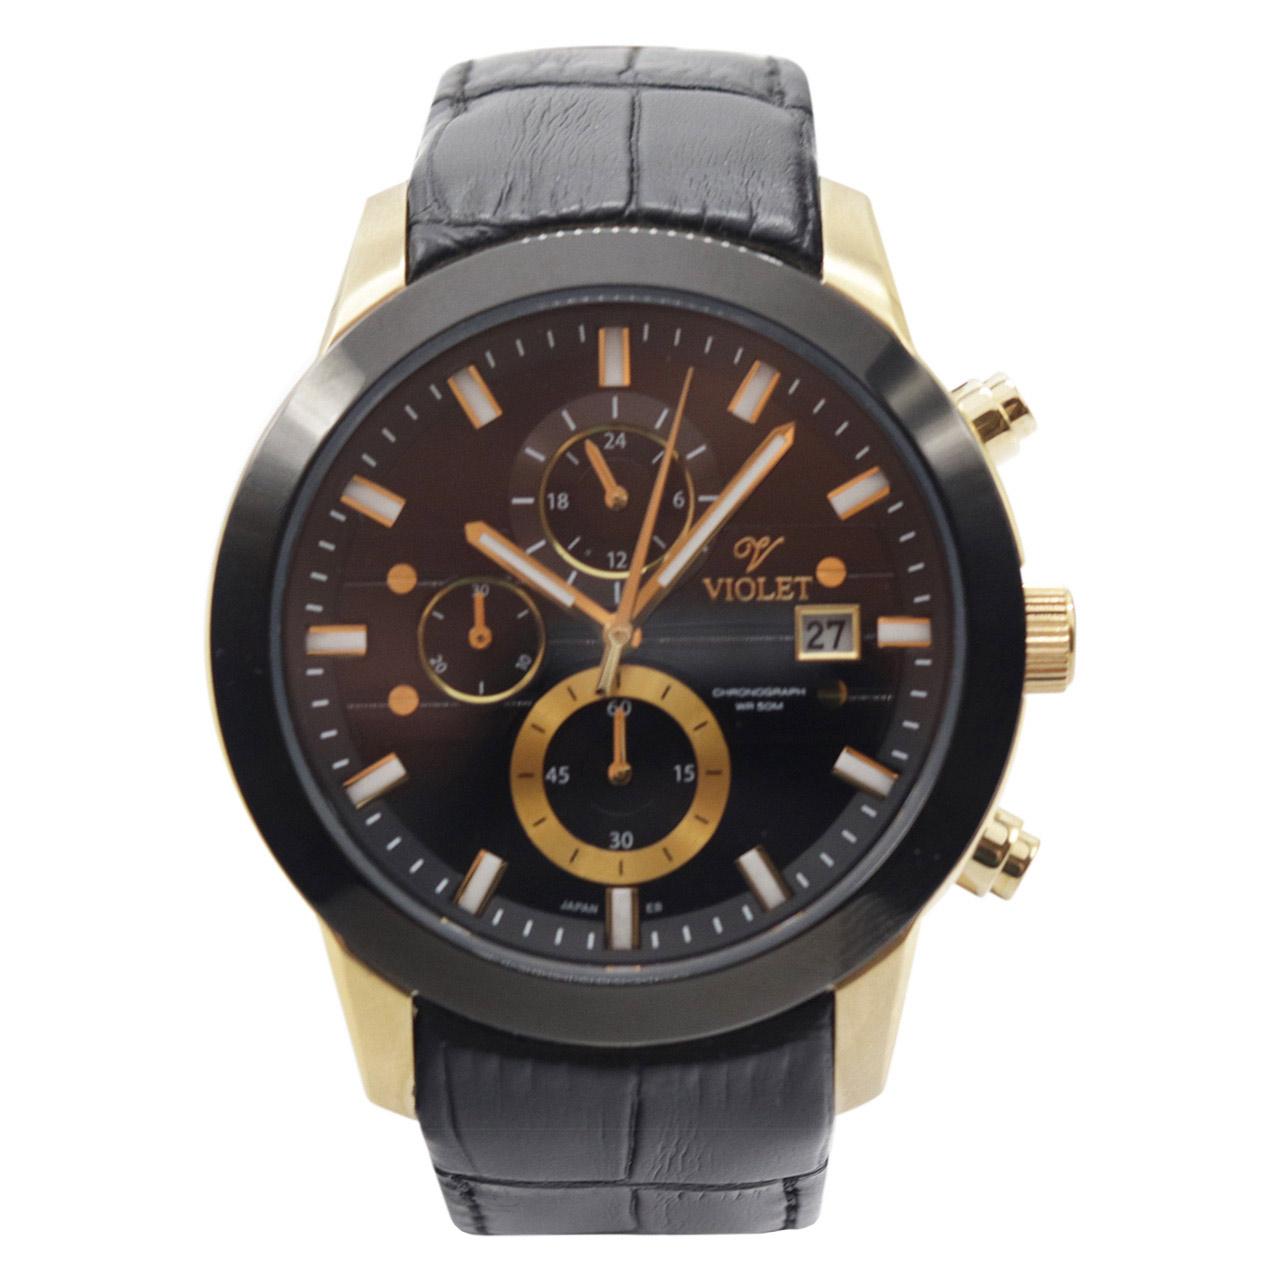 ساعت مچی عقربه ای مردانه ویولت مدل 0407G